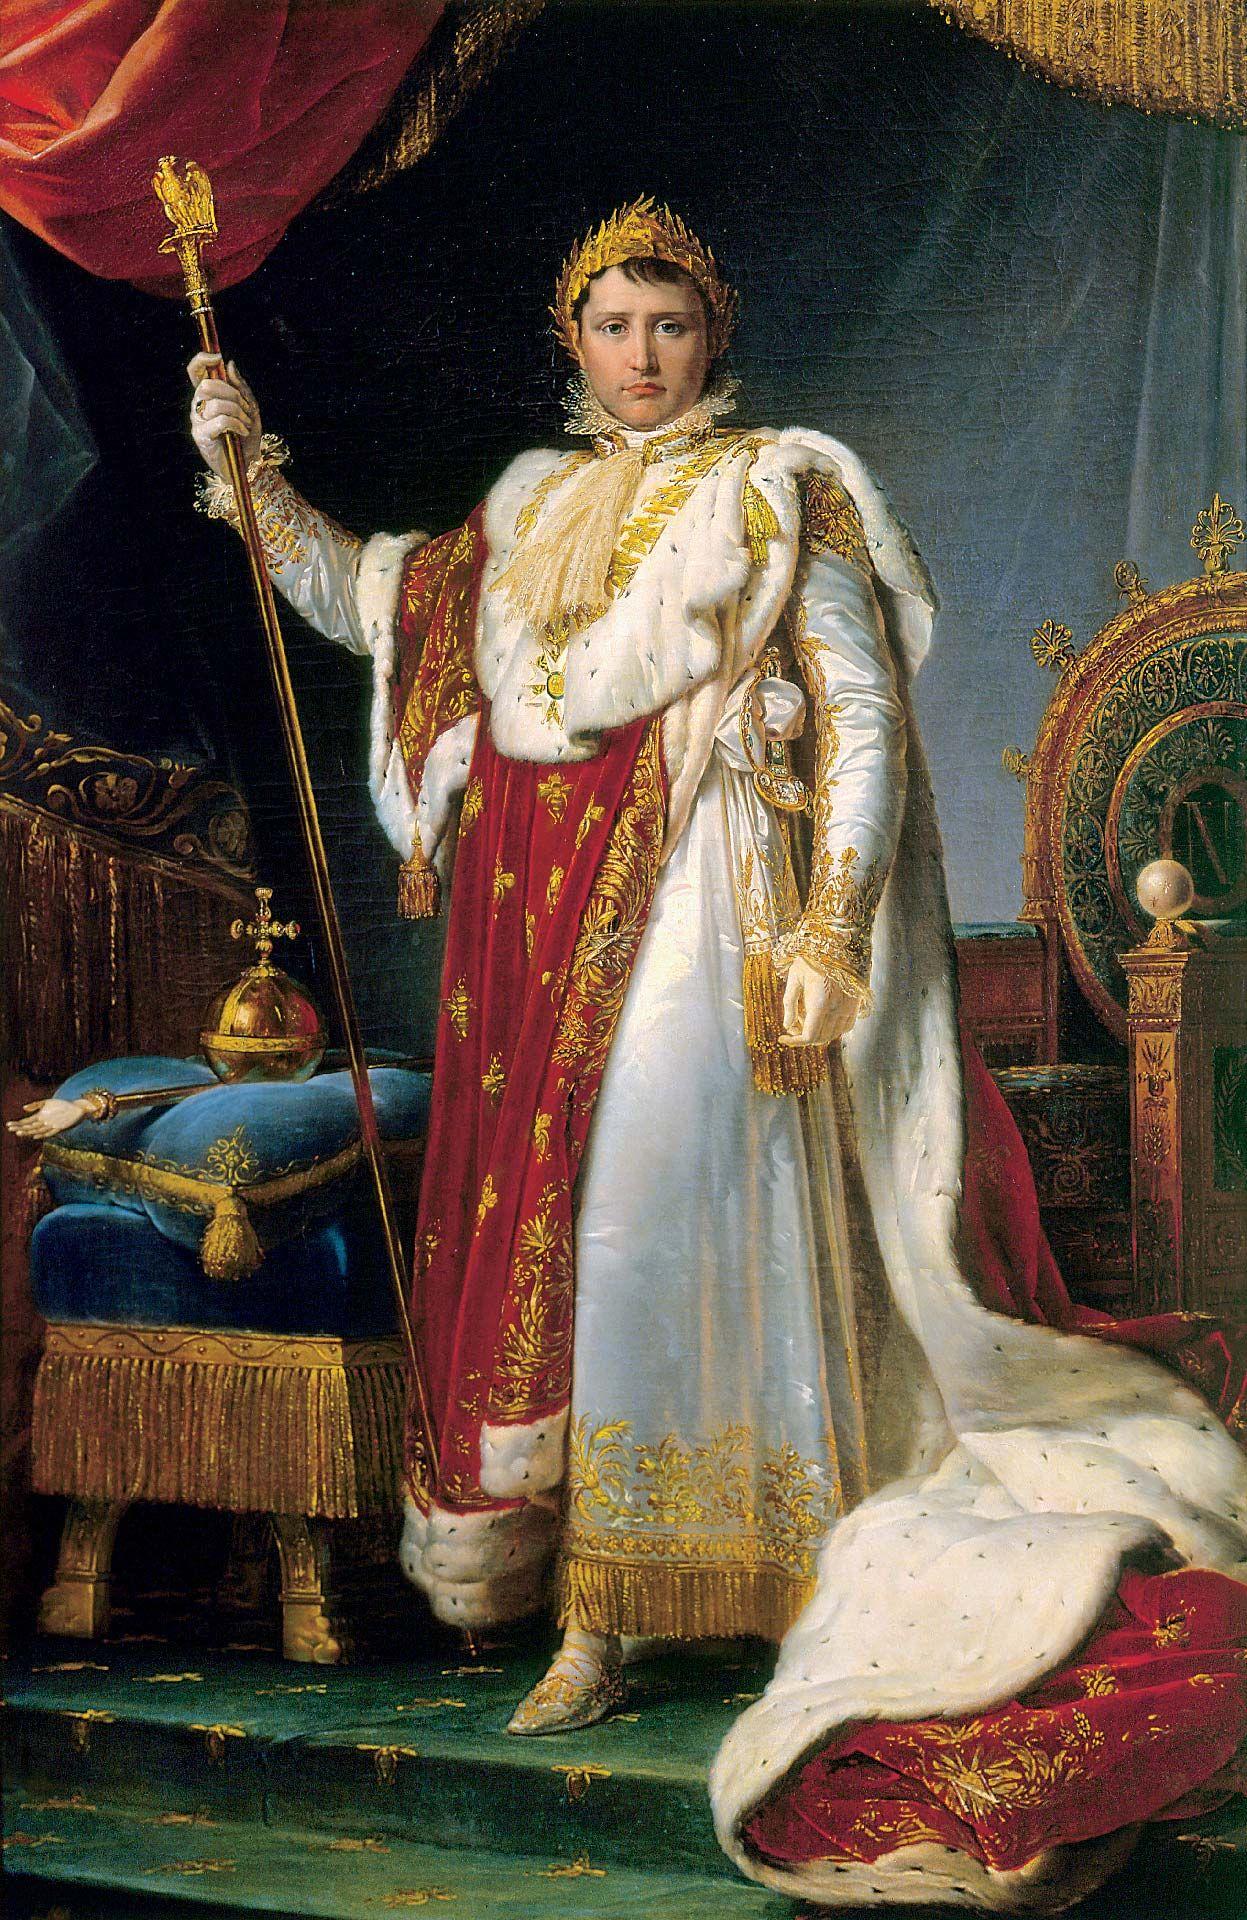 François-Pascal-Simon Gérard (1770-1837), Portrait of Napoleon, Emperor of the French, in Ceremonial Robes, 1805, oil on canvas. Château de Fontainebleau-Musée Napoléon Ier. Photo © RMN-Grand Palais / Art Resource, NY / Gérard Blot.